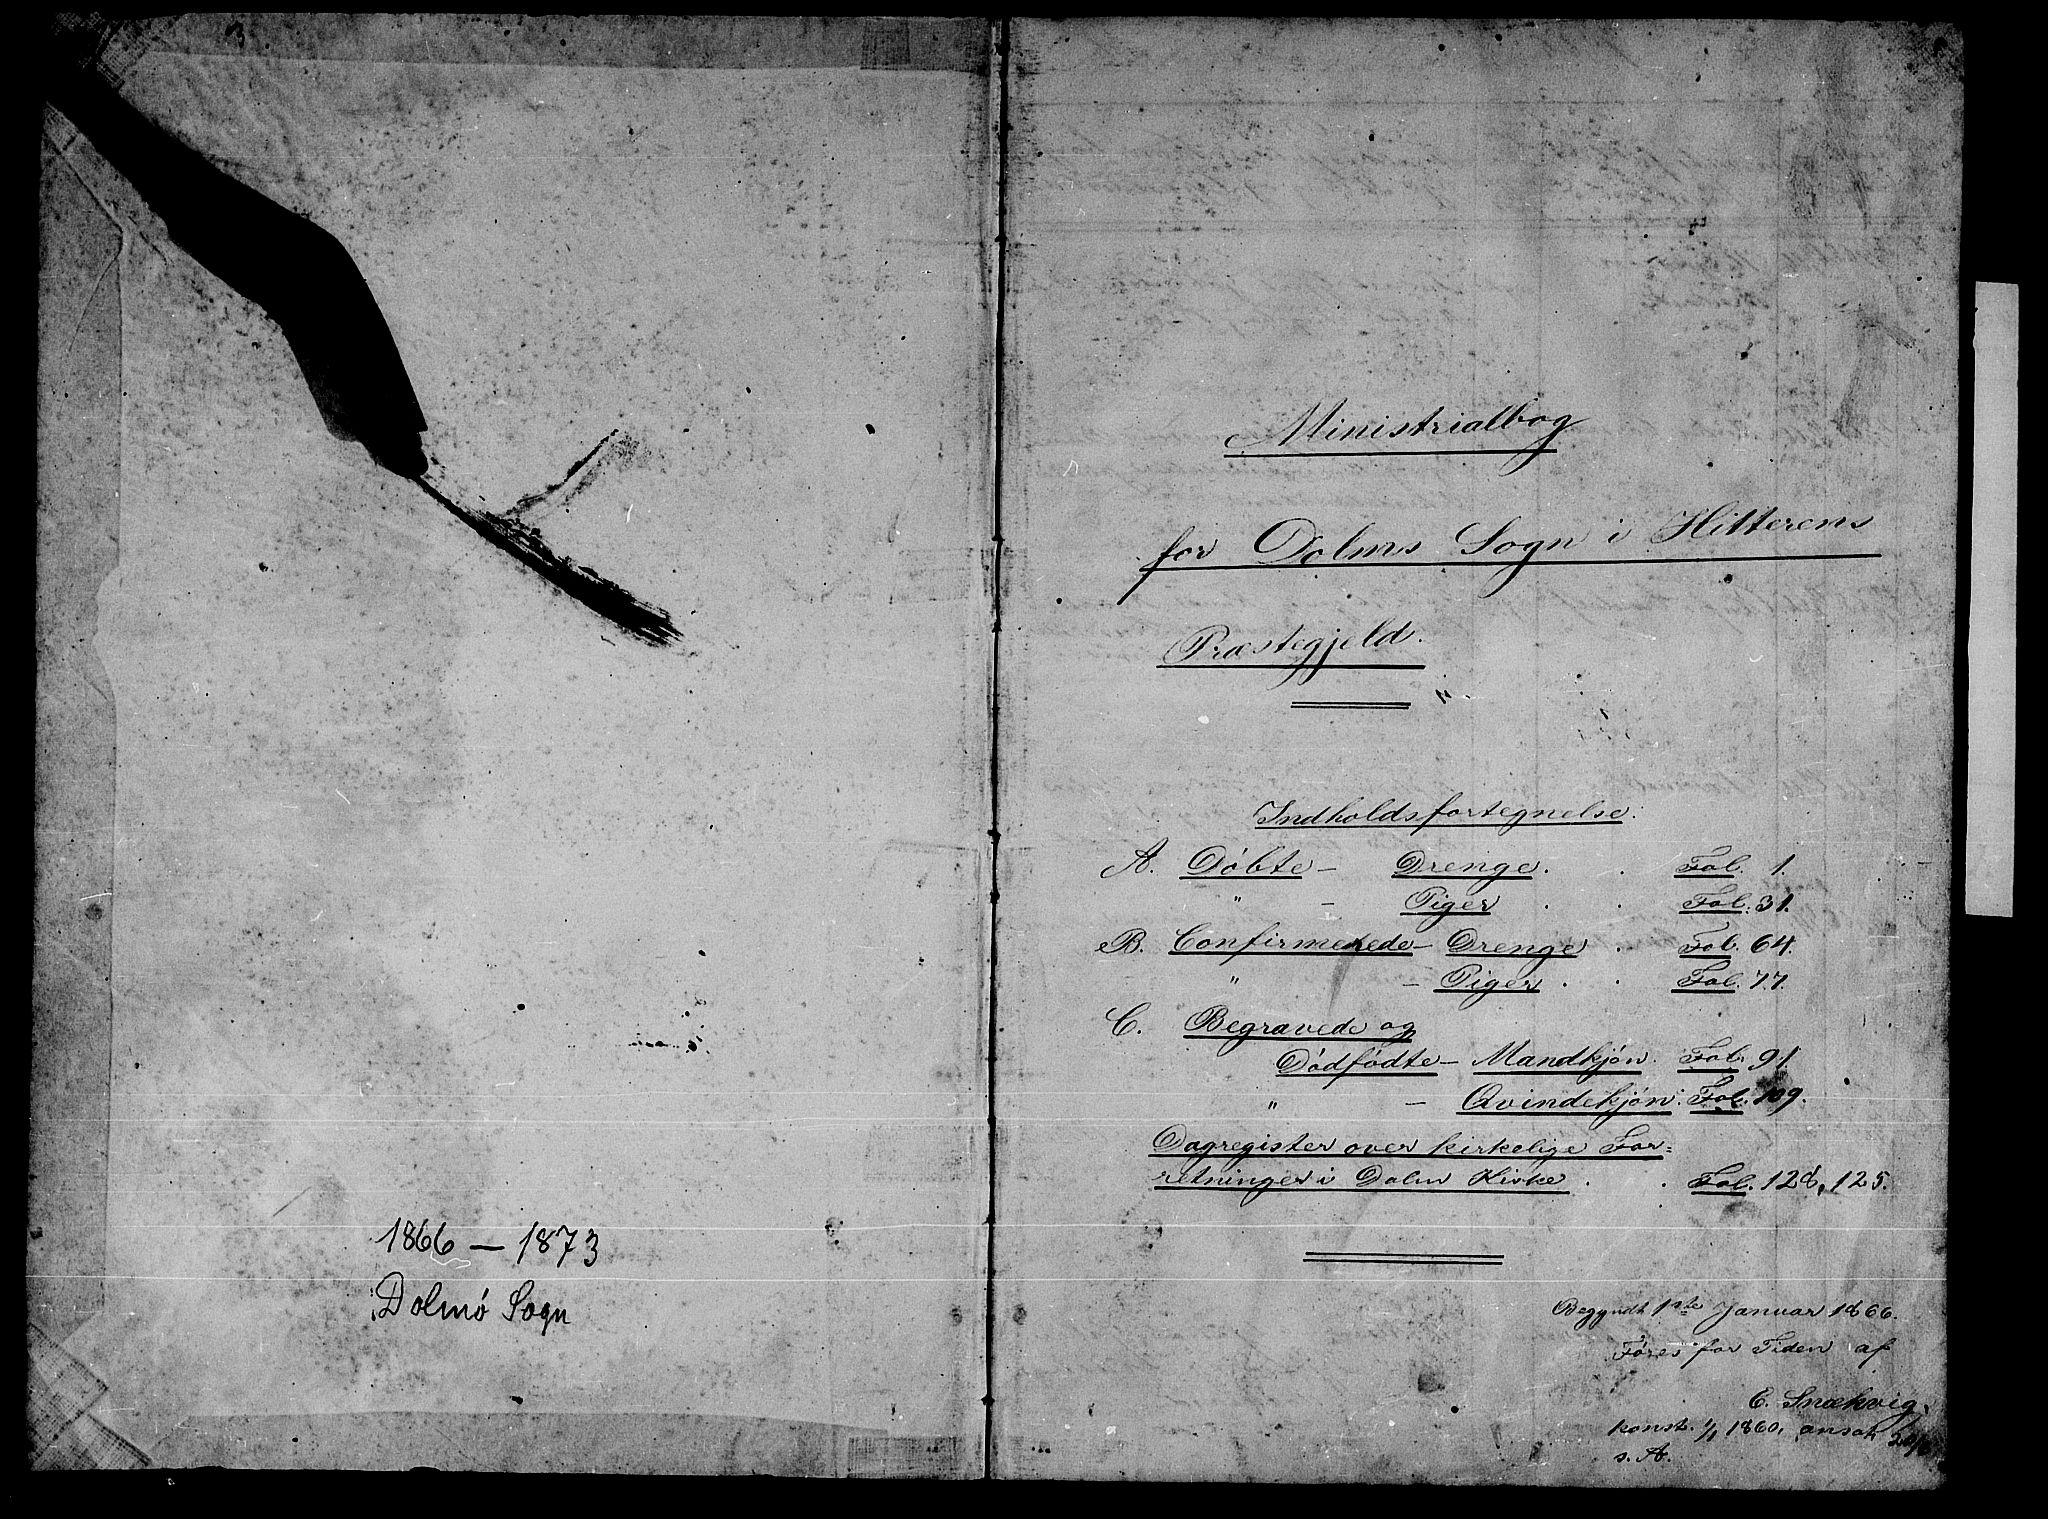 SAT, Ministerialprotokoller, klokkerbøker og fødselsregistre - Sør-Trøndelag, 634/L0539: Klokkerbok nr. 634C01, 1866-1873